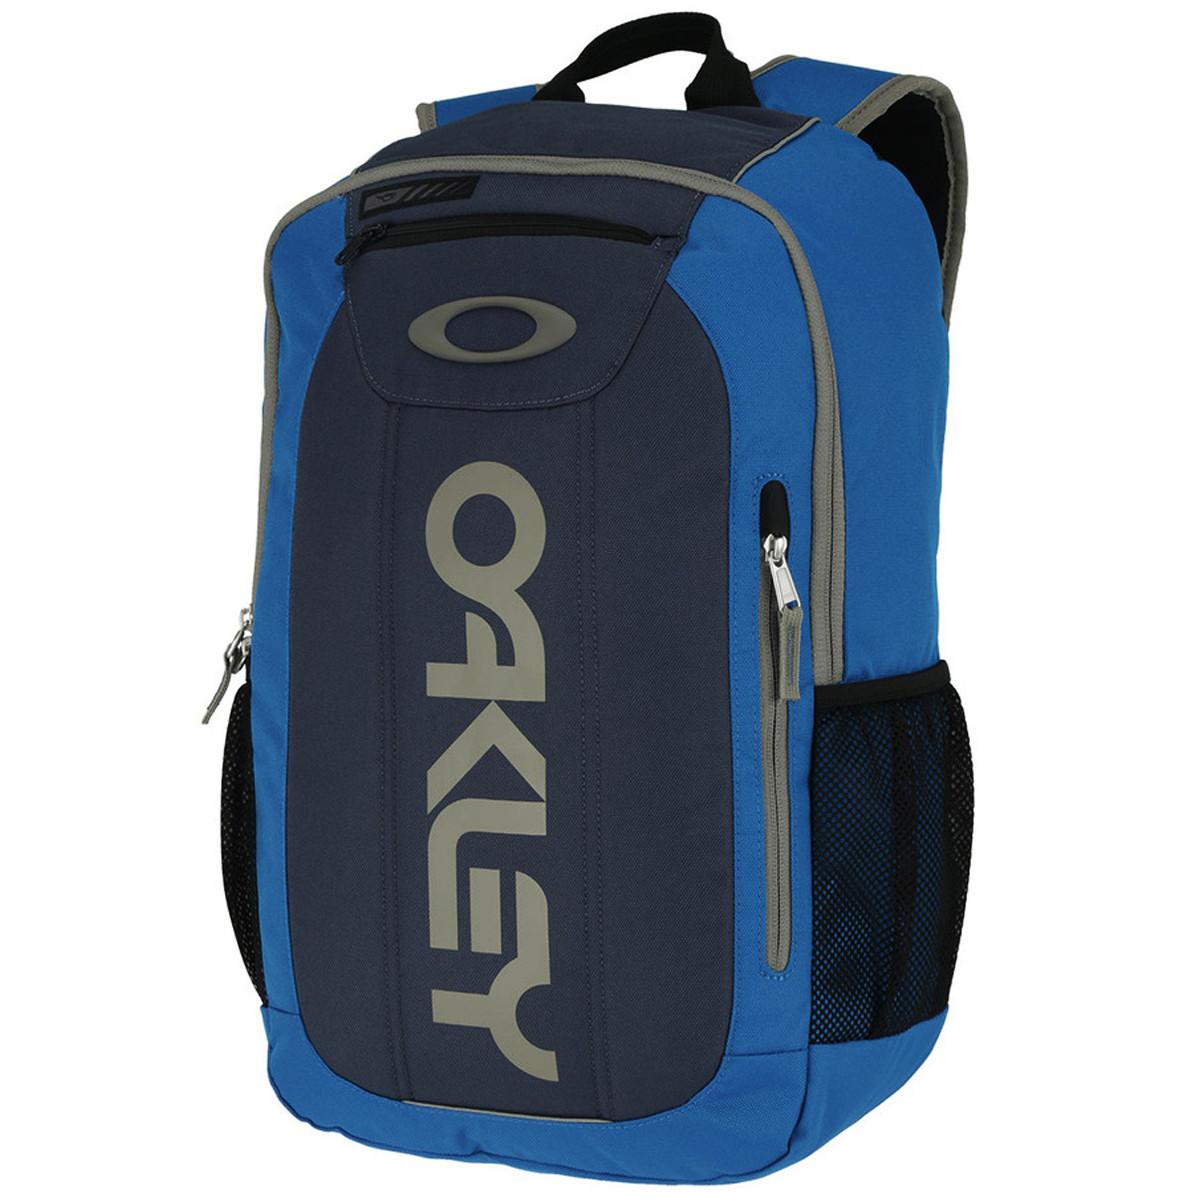 Mochila Oakley Enduro 20 Azul Com Cinza ref 92963-62T 3bd602b764